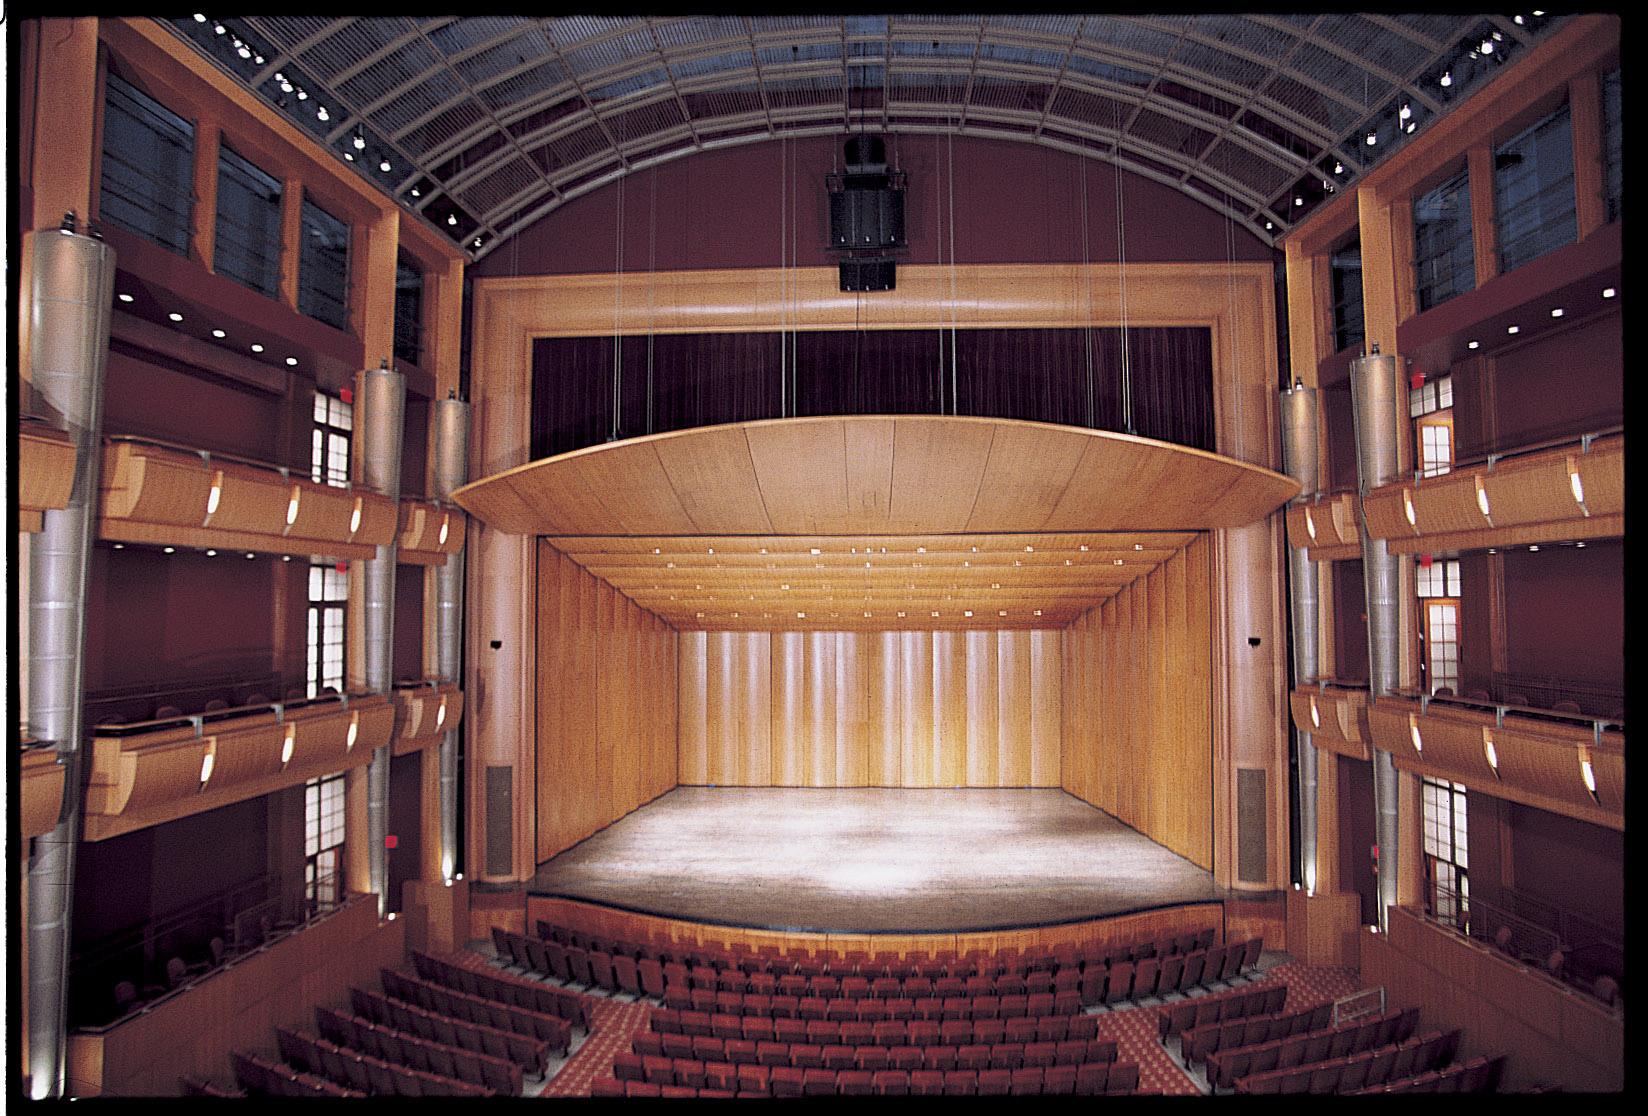 Auditorium and Performing Arts Centers